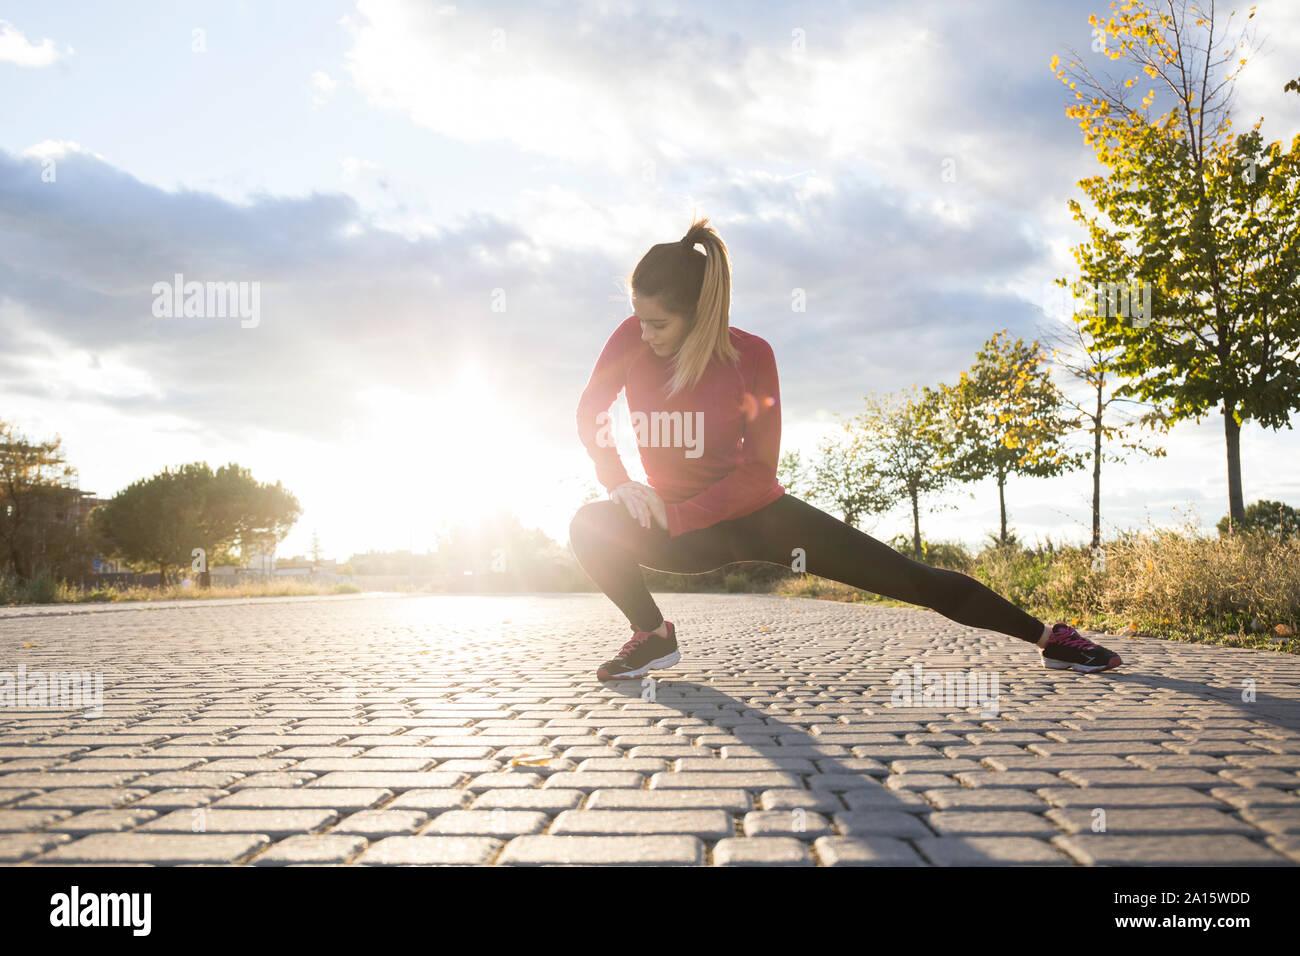 Jeune femme étend sa jambe dans un parc Banque D'Images